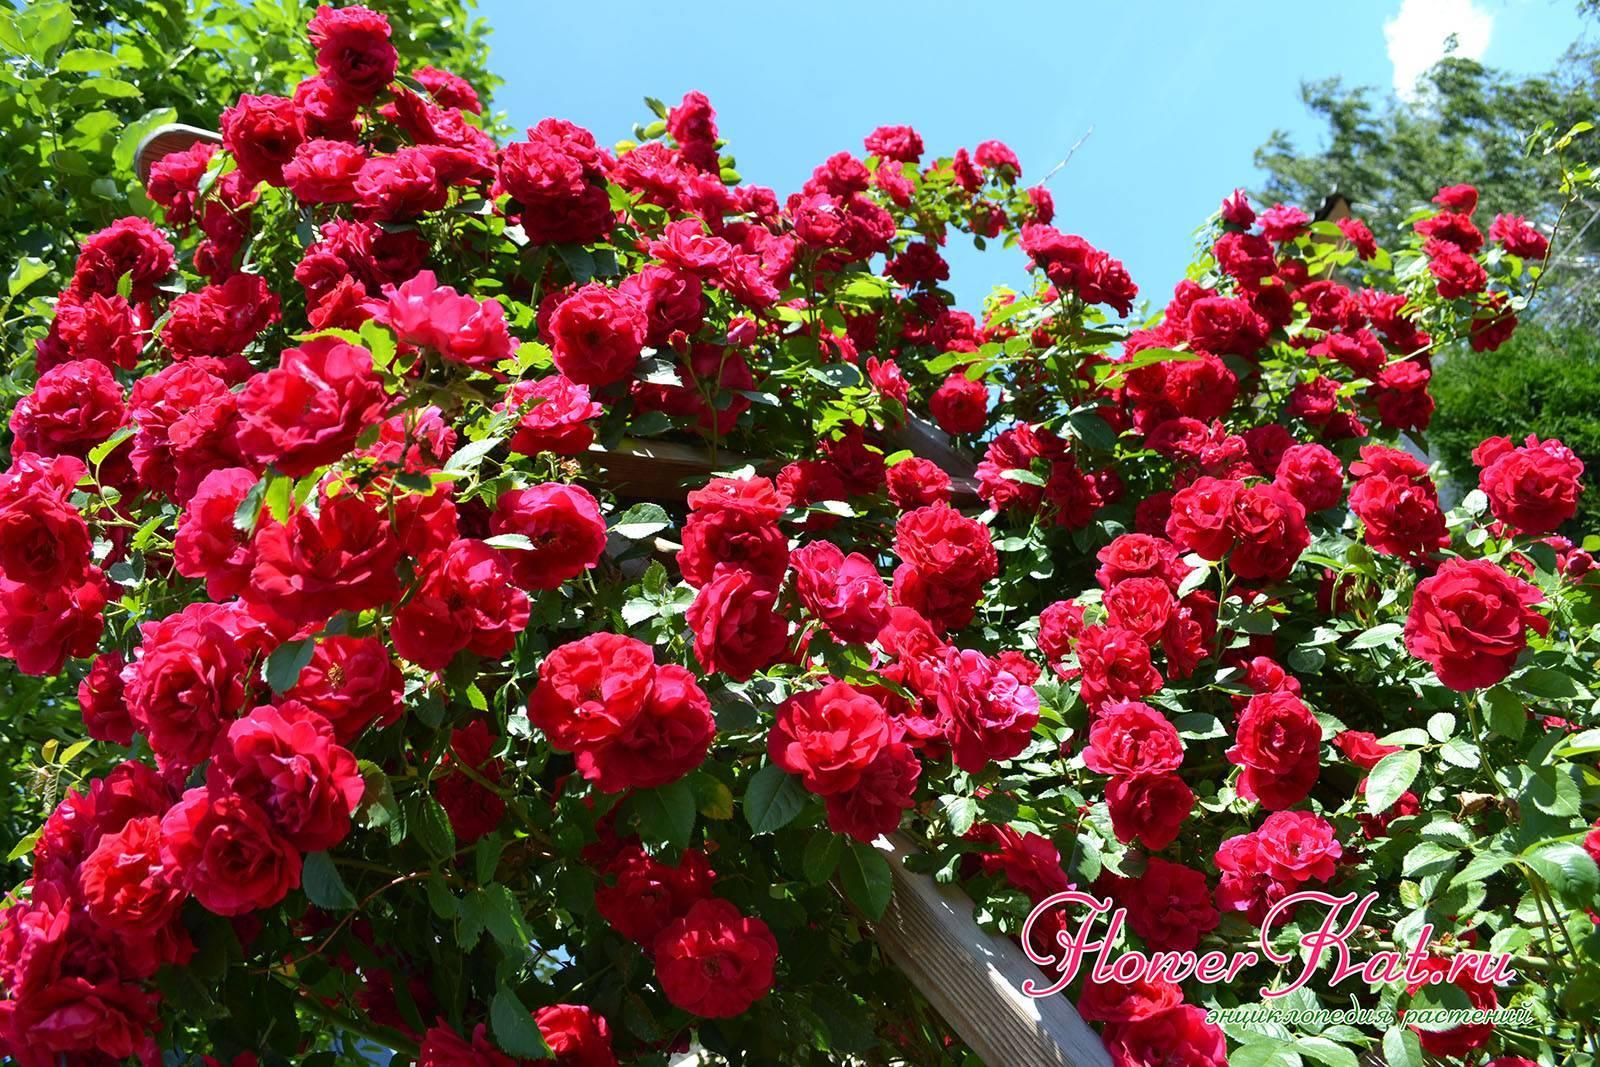 Описание и характеристики плетистой розы сорта принц, правила выращивания